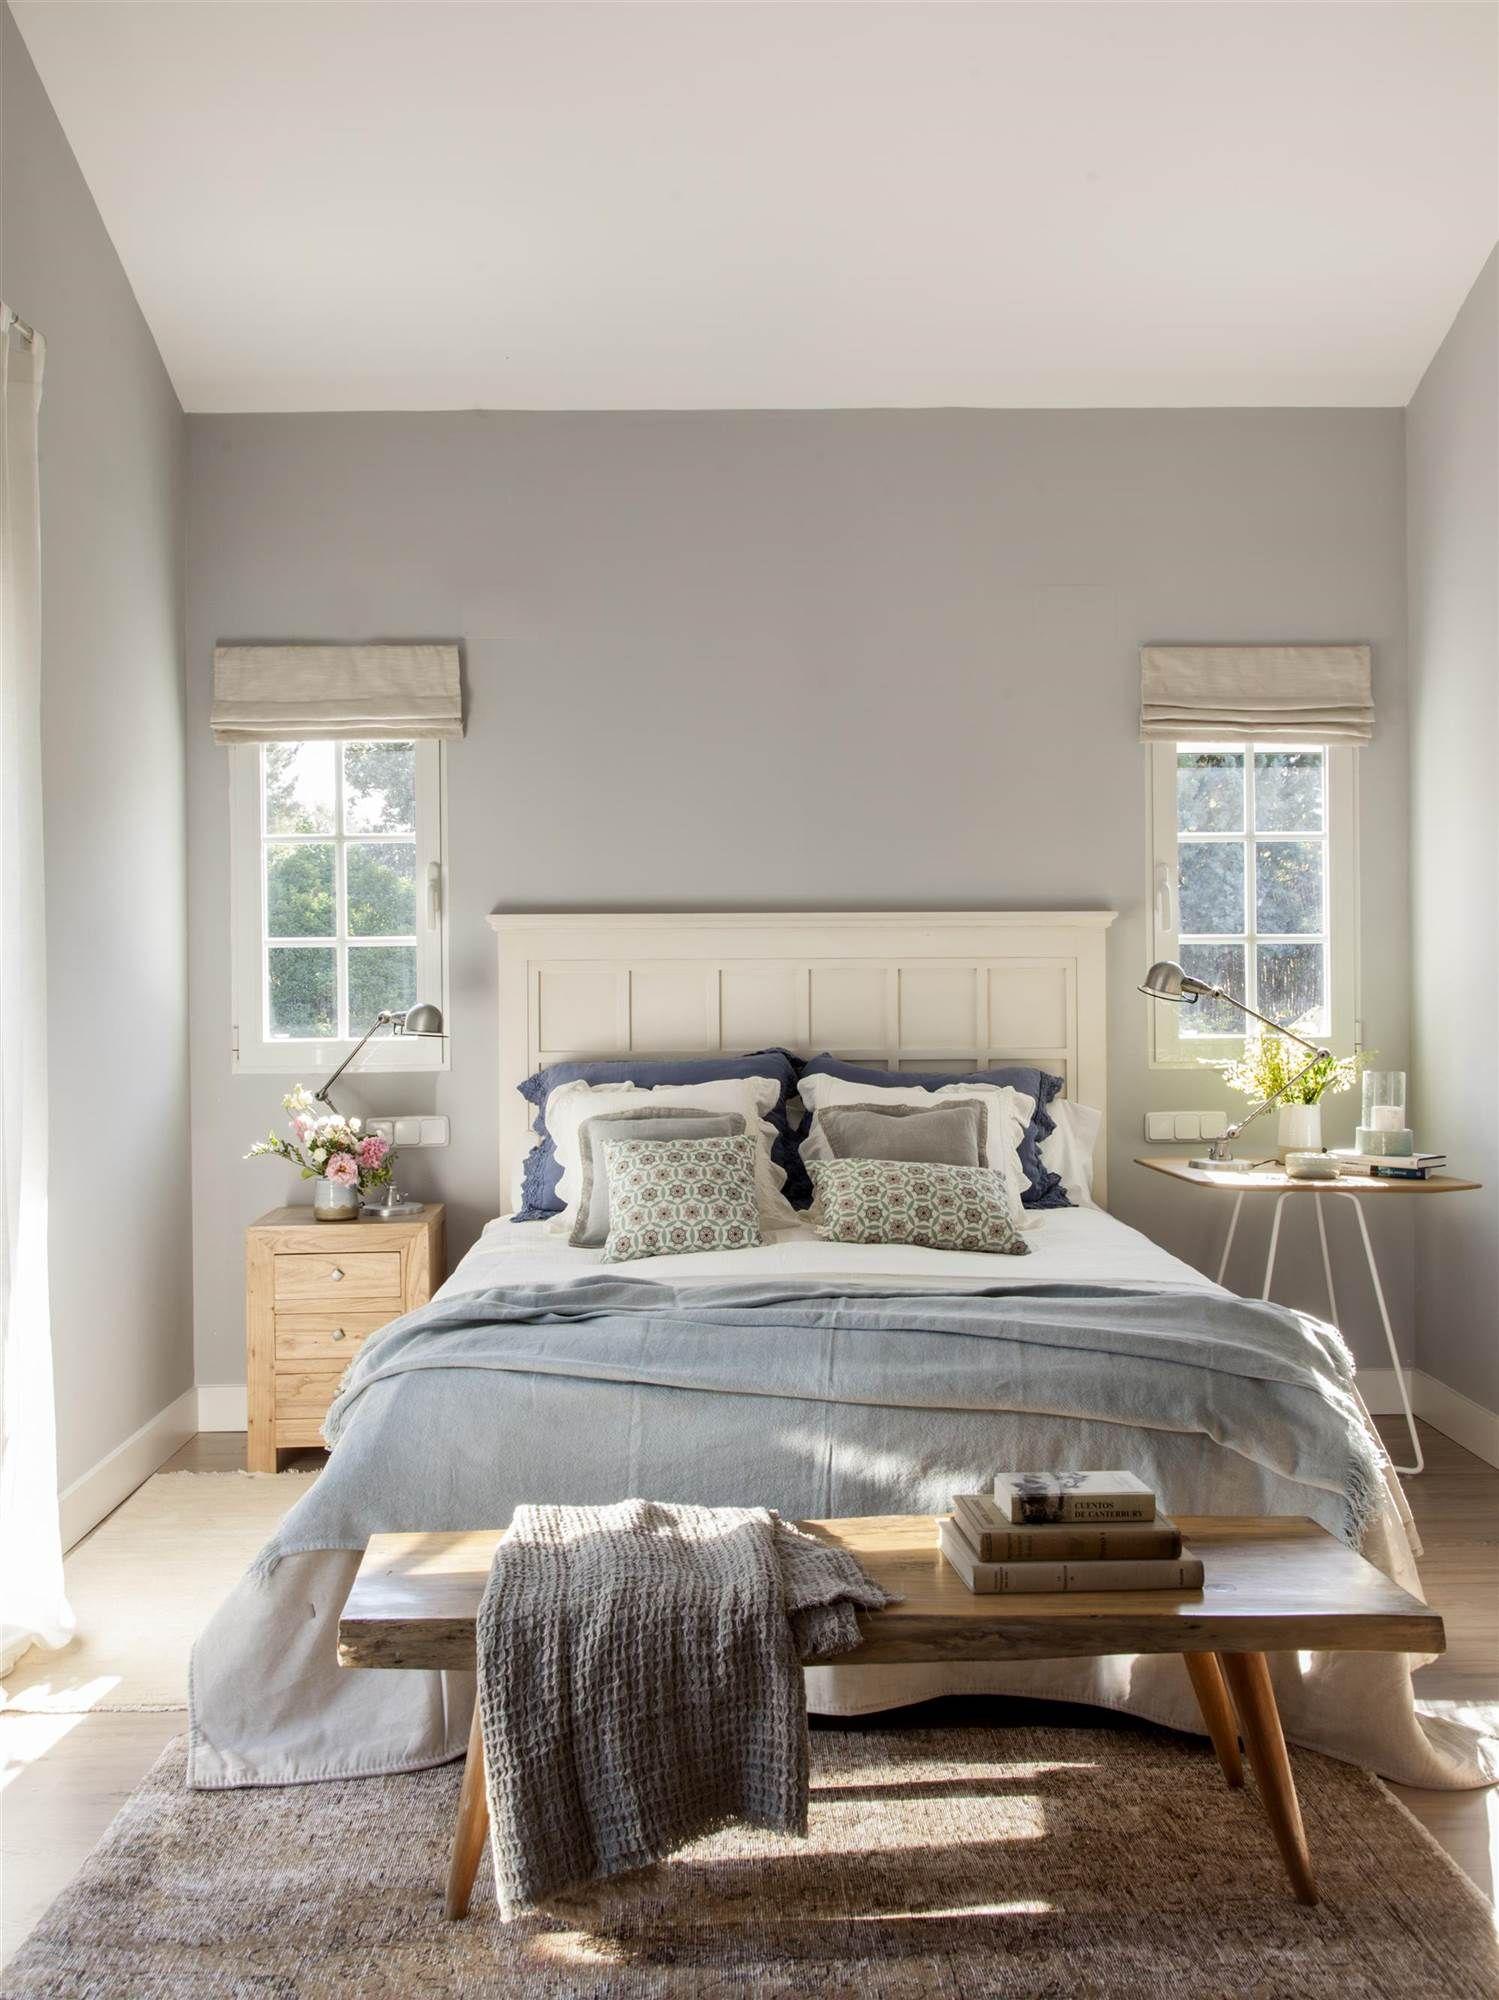 Ideas Para Sacar Partido A Habitaciones Pequeñas Ideas De Decoración De Dormitorio Decoraciones De Dormitorio Decoracion De Interiores Dormitorios Matrimoniales